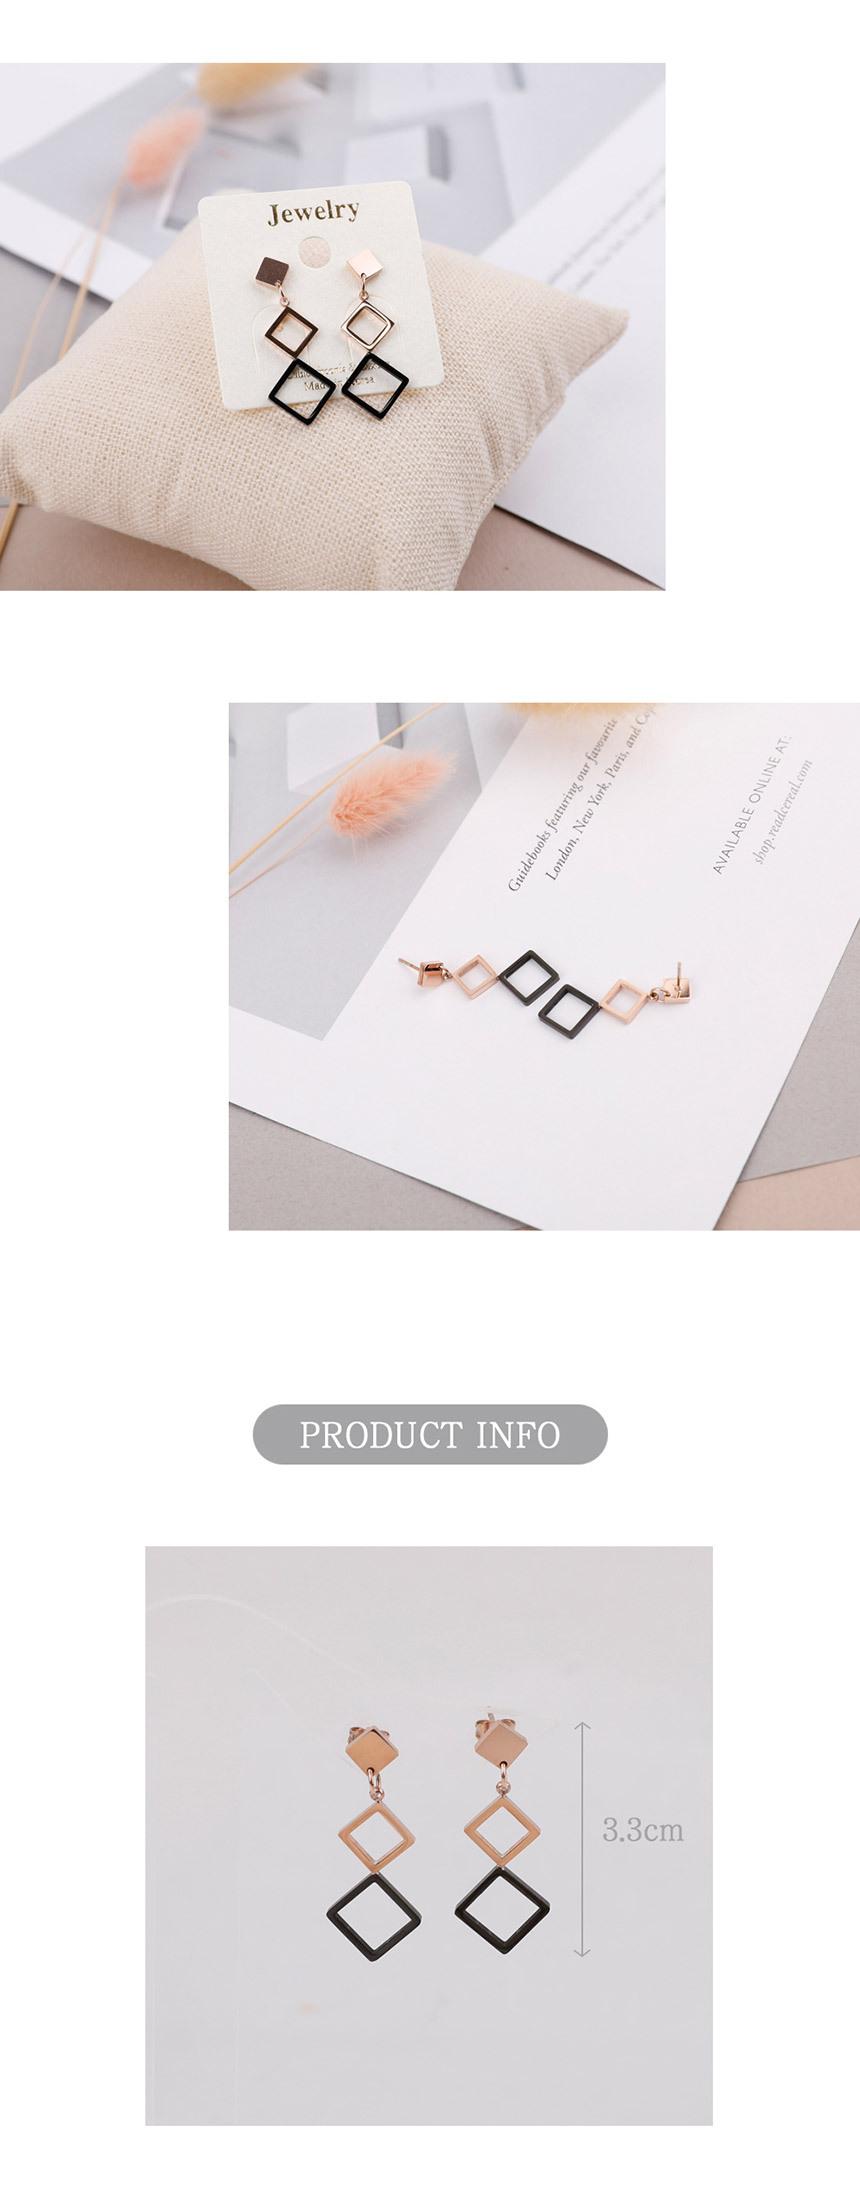 오닉스 미니마름모 써지컬 스틸 귀걸이 - 링코, 9,900원, 실버, 드롭귀걸이